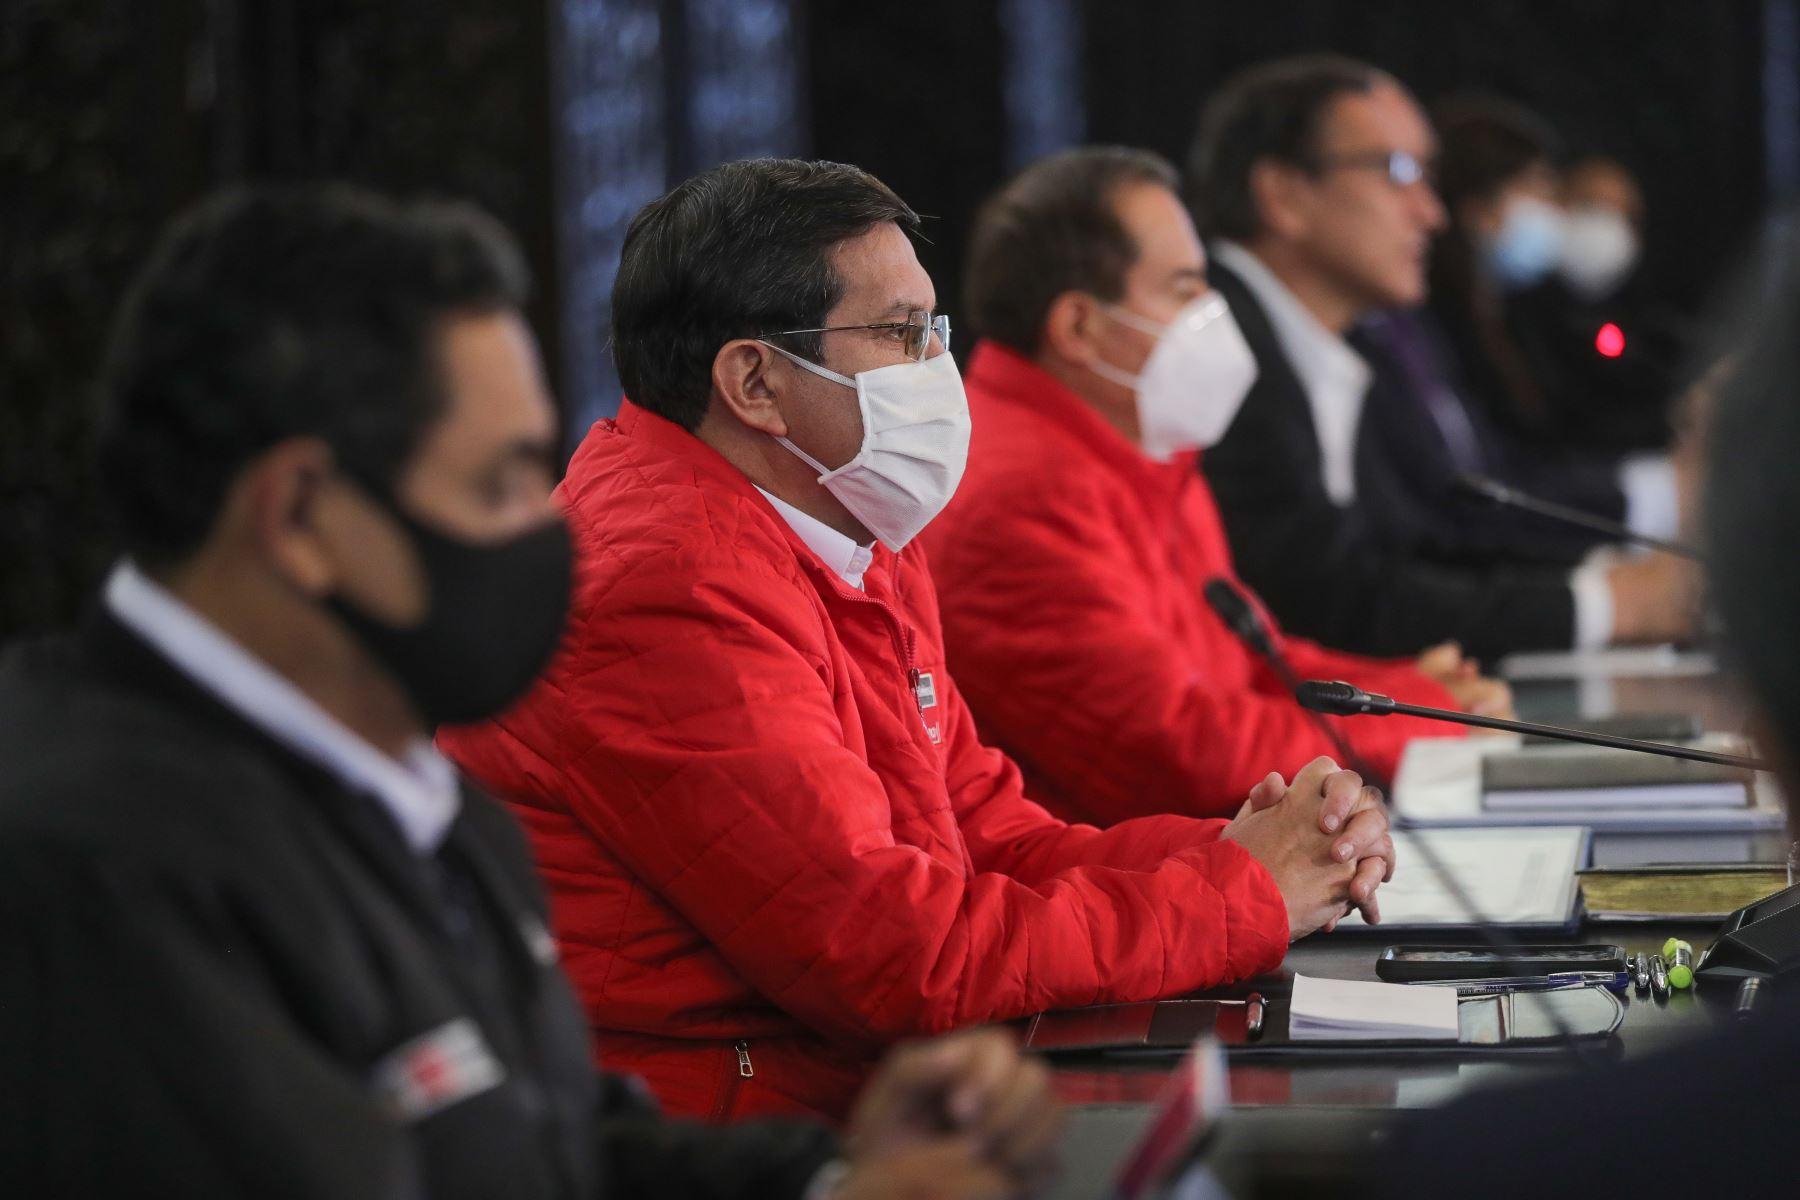 Ministro de Defensa, Jorge Luis Chávez participa junto al presidente Martín Vizcarra quien brinda un pronunciamiento en torno a las nuevas medidas que adoptará el Gobierno frente a la pandemia del covid-19.  Foto: ANDINA/ Prensa Presidencia